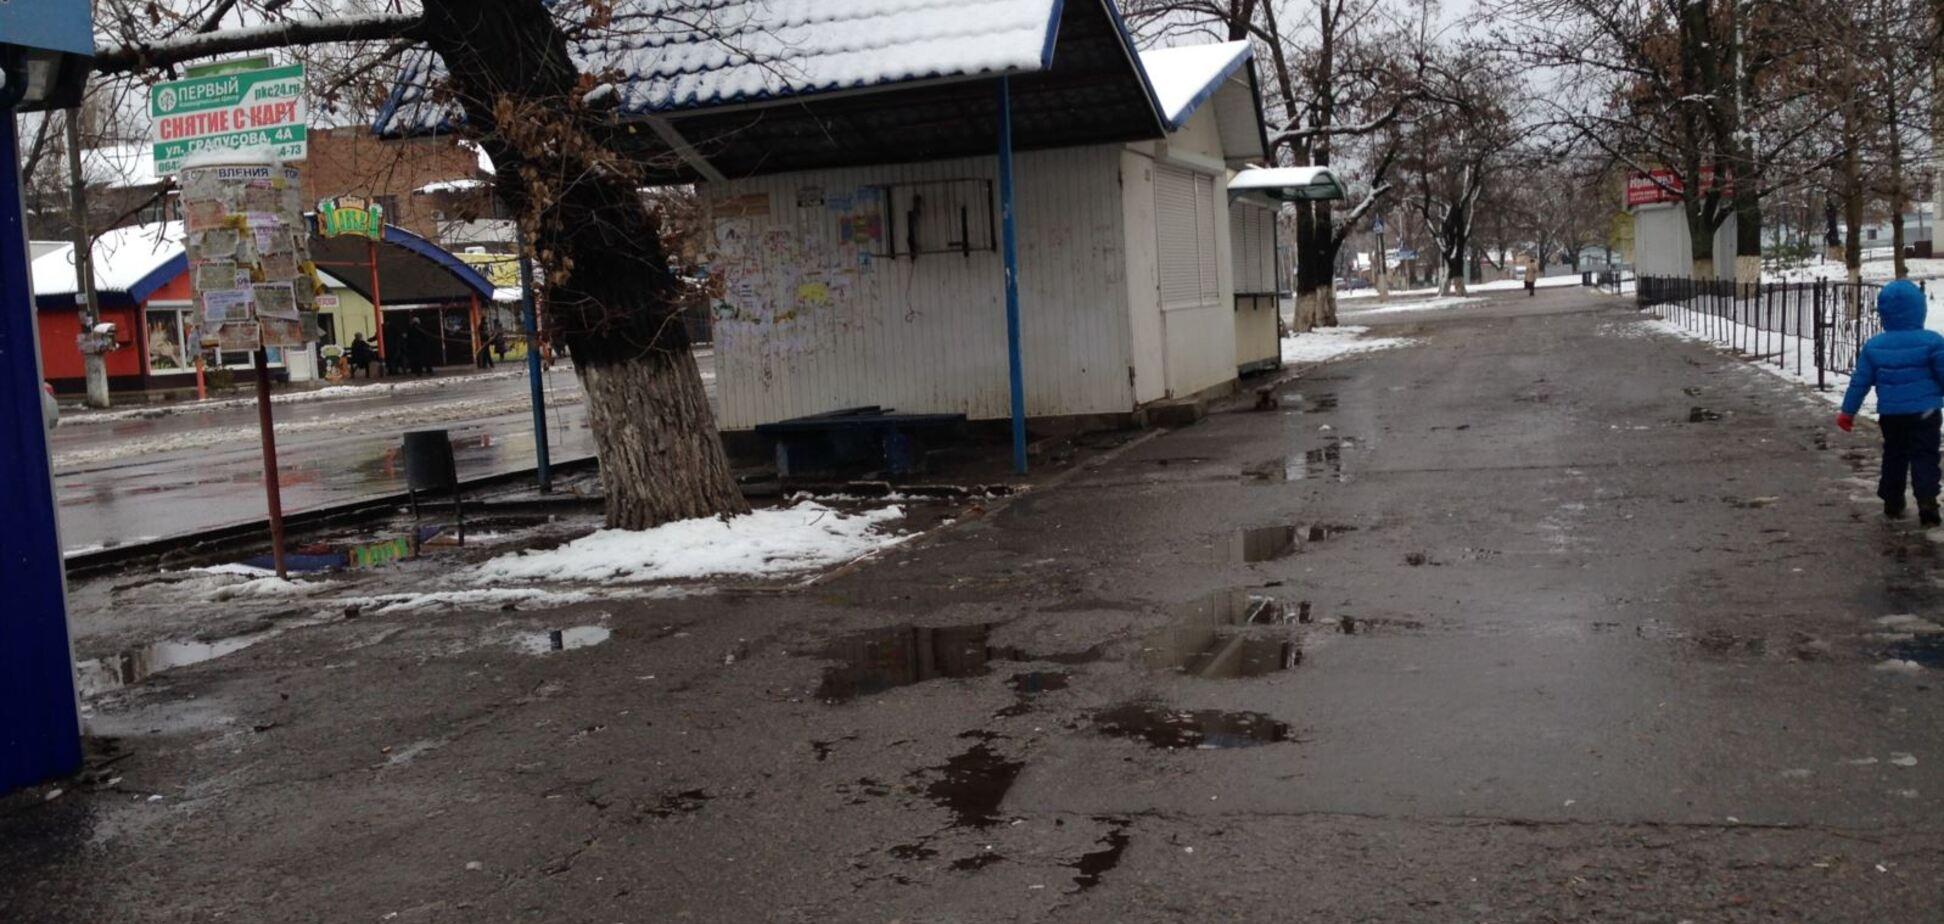 Глянцевая жизнь Луганска